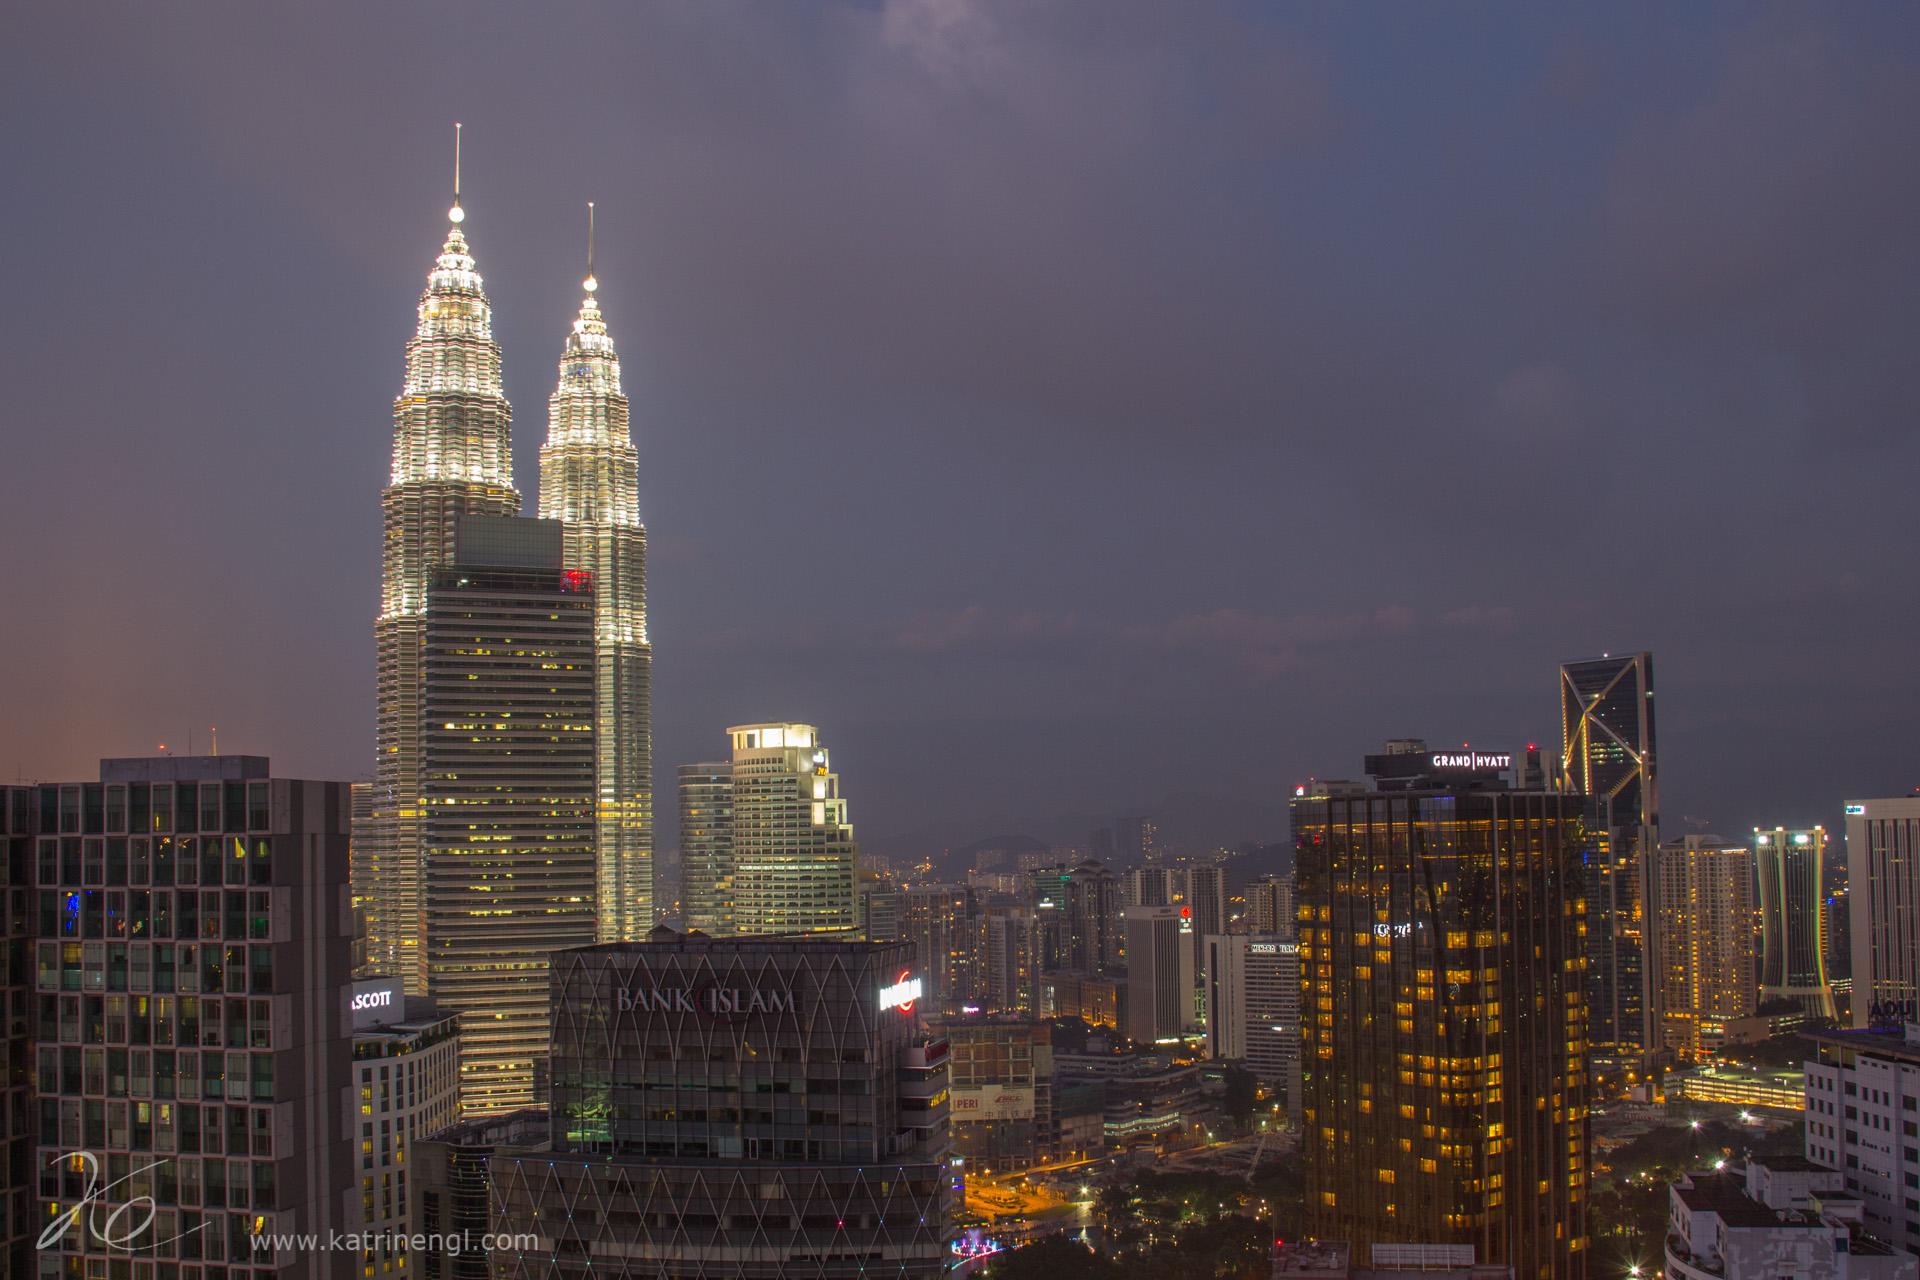 Kuala Lumpur by night Heli lounge bR